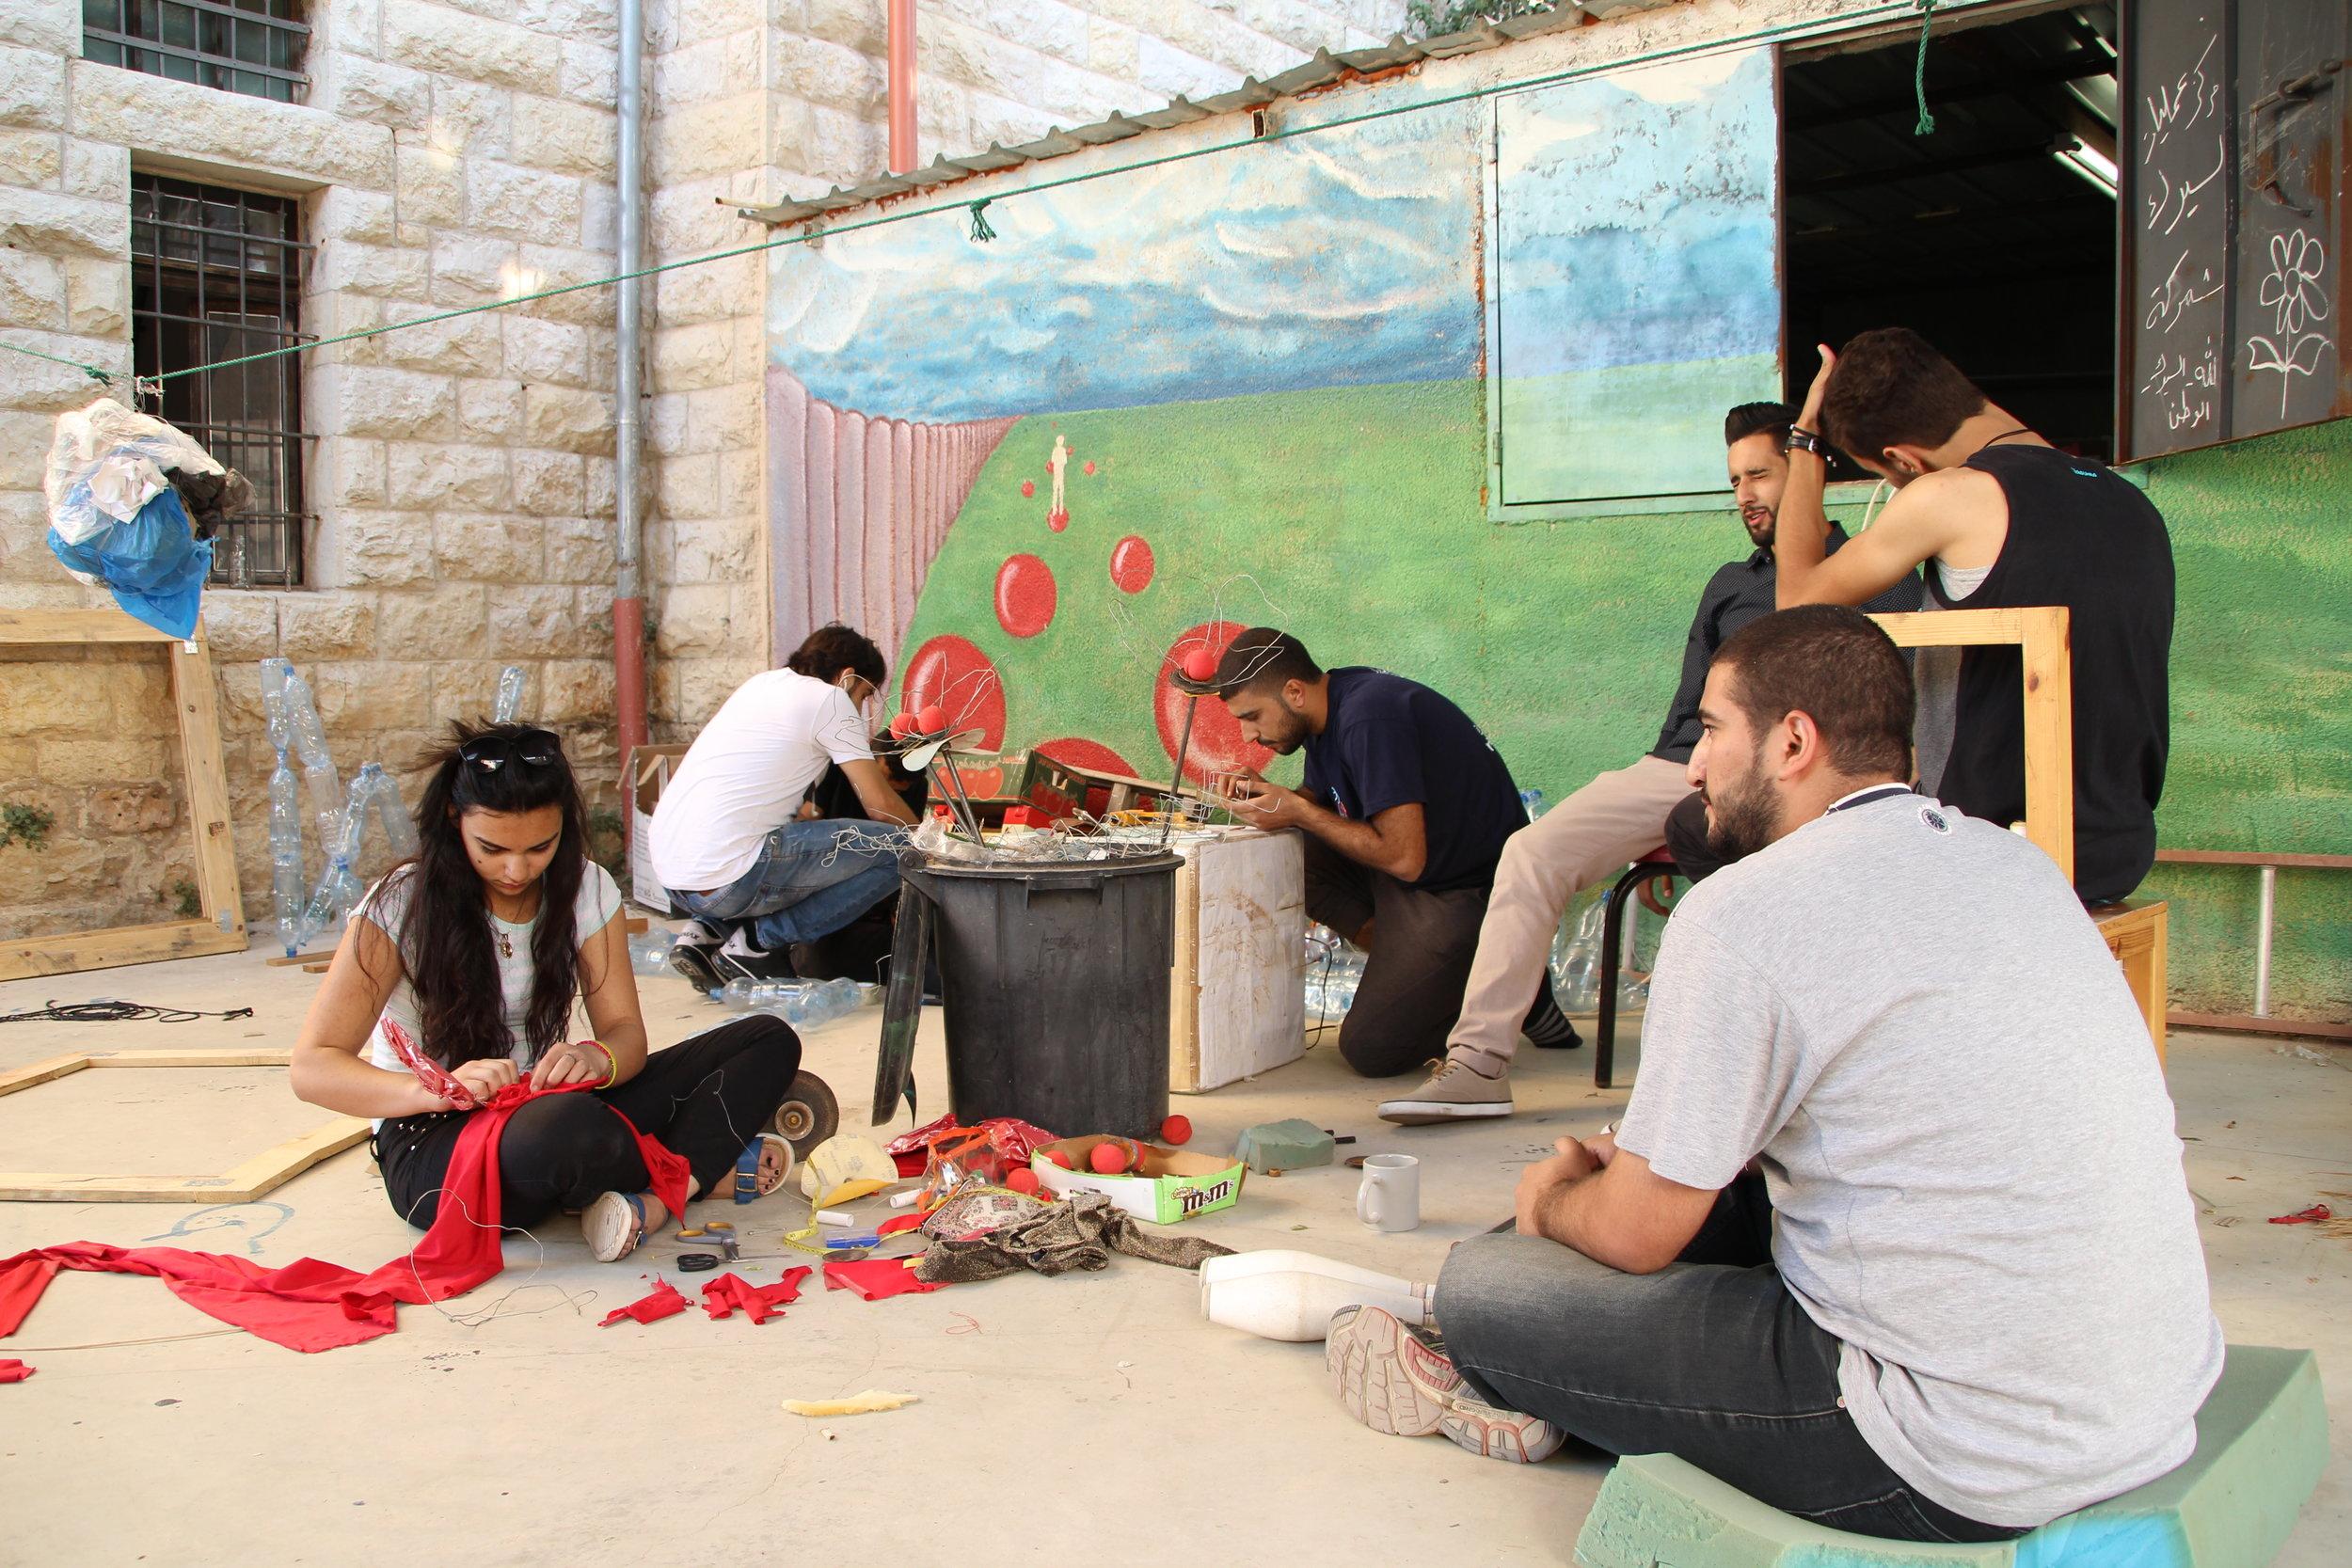 frivillige laver dekorationer.JPG